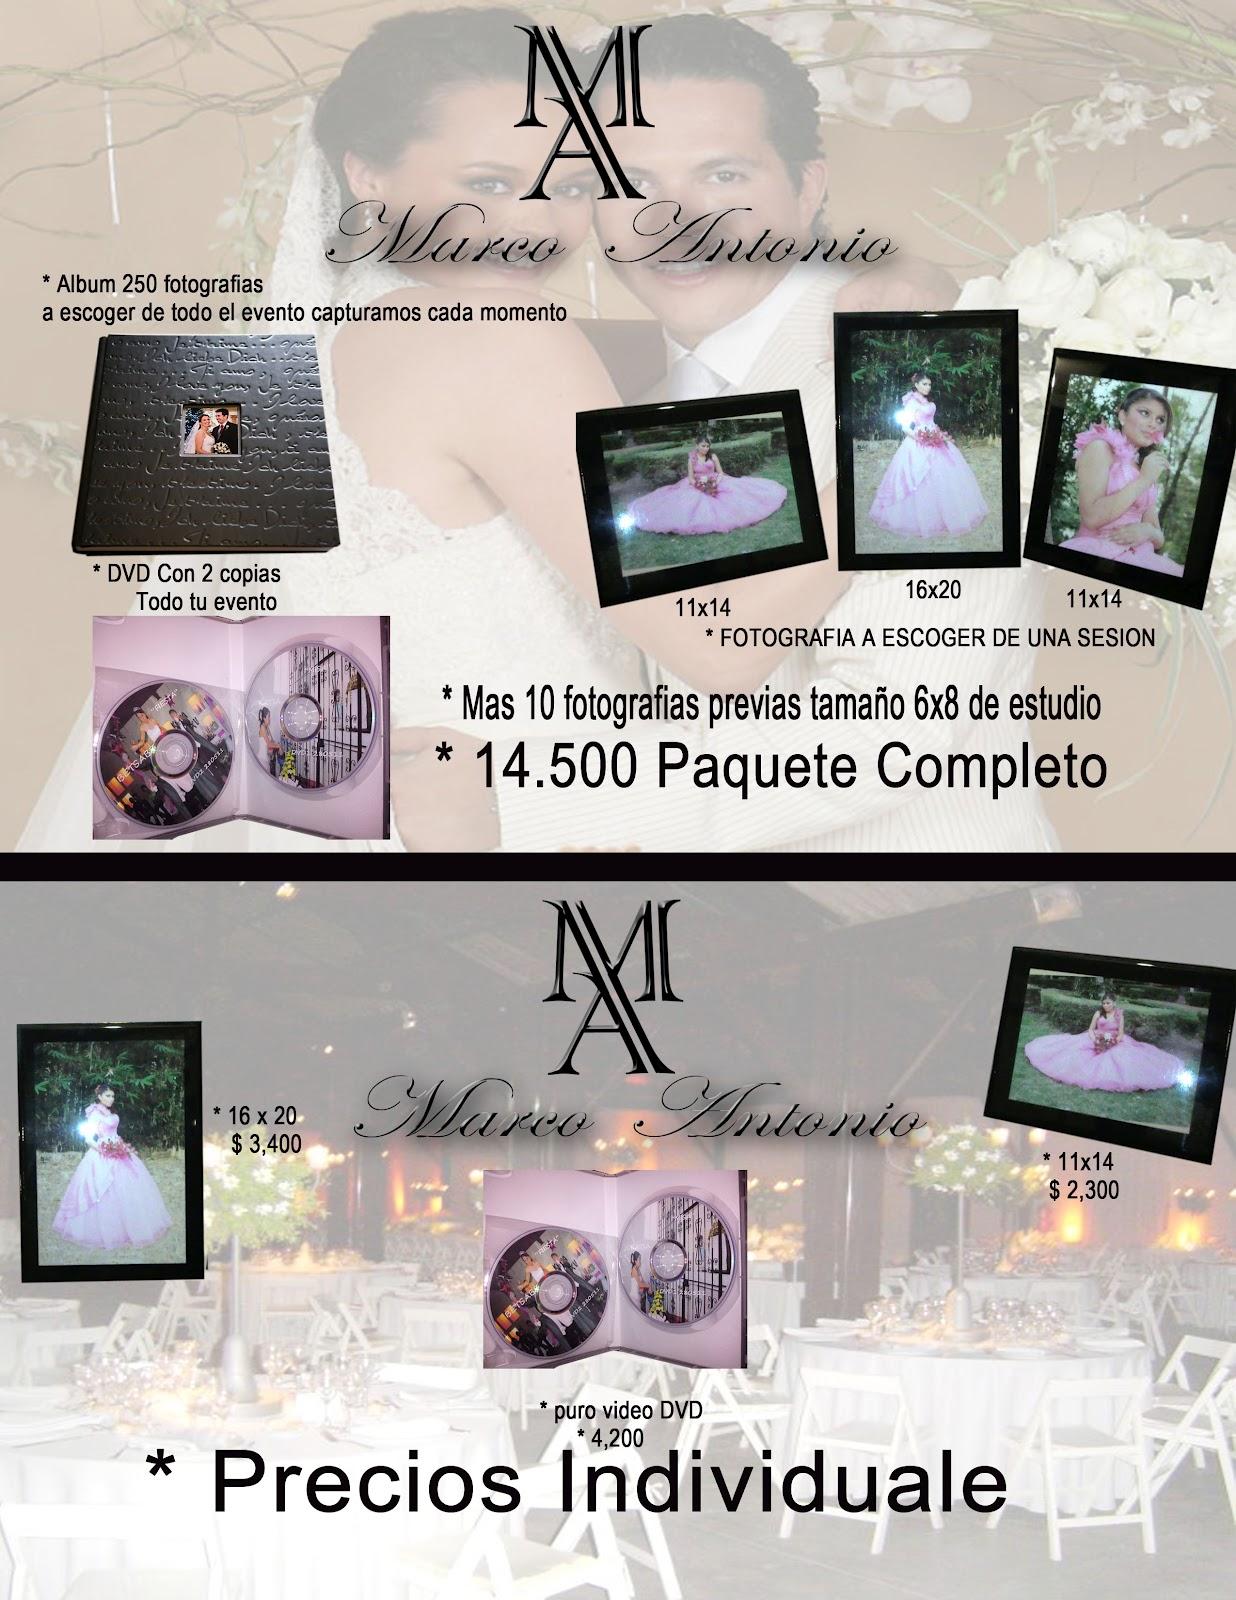 Marco Antonio Fotografía & Diseño